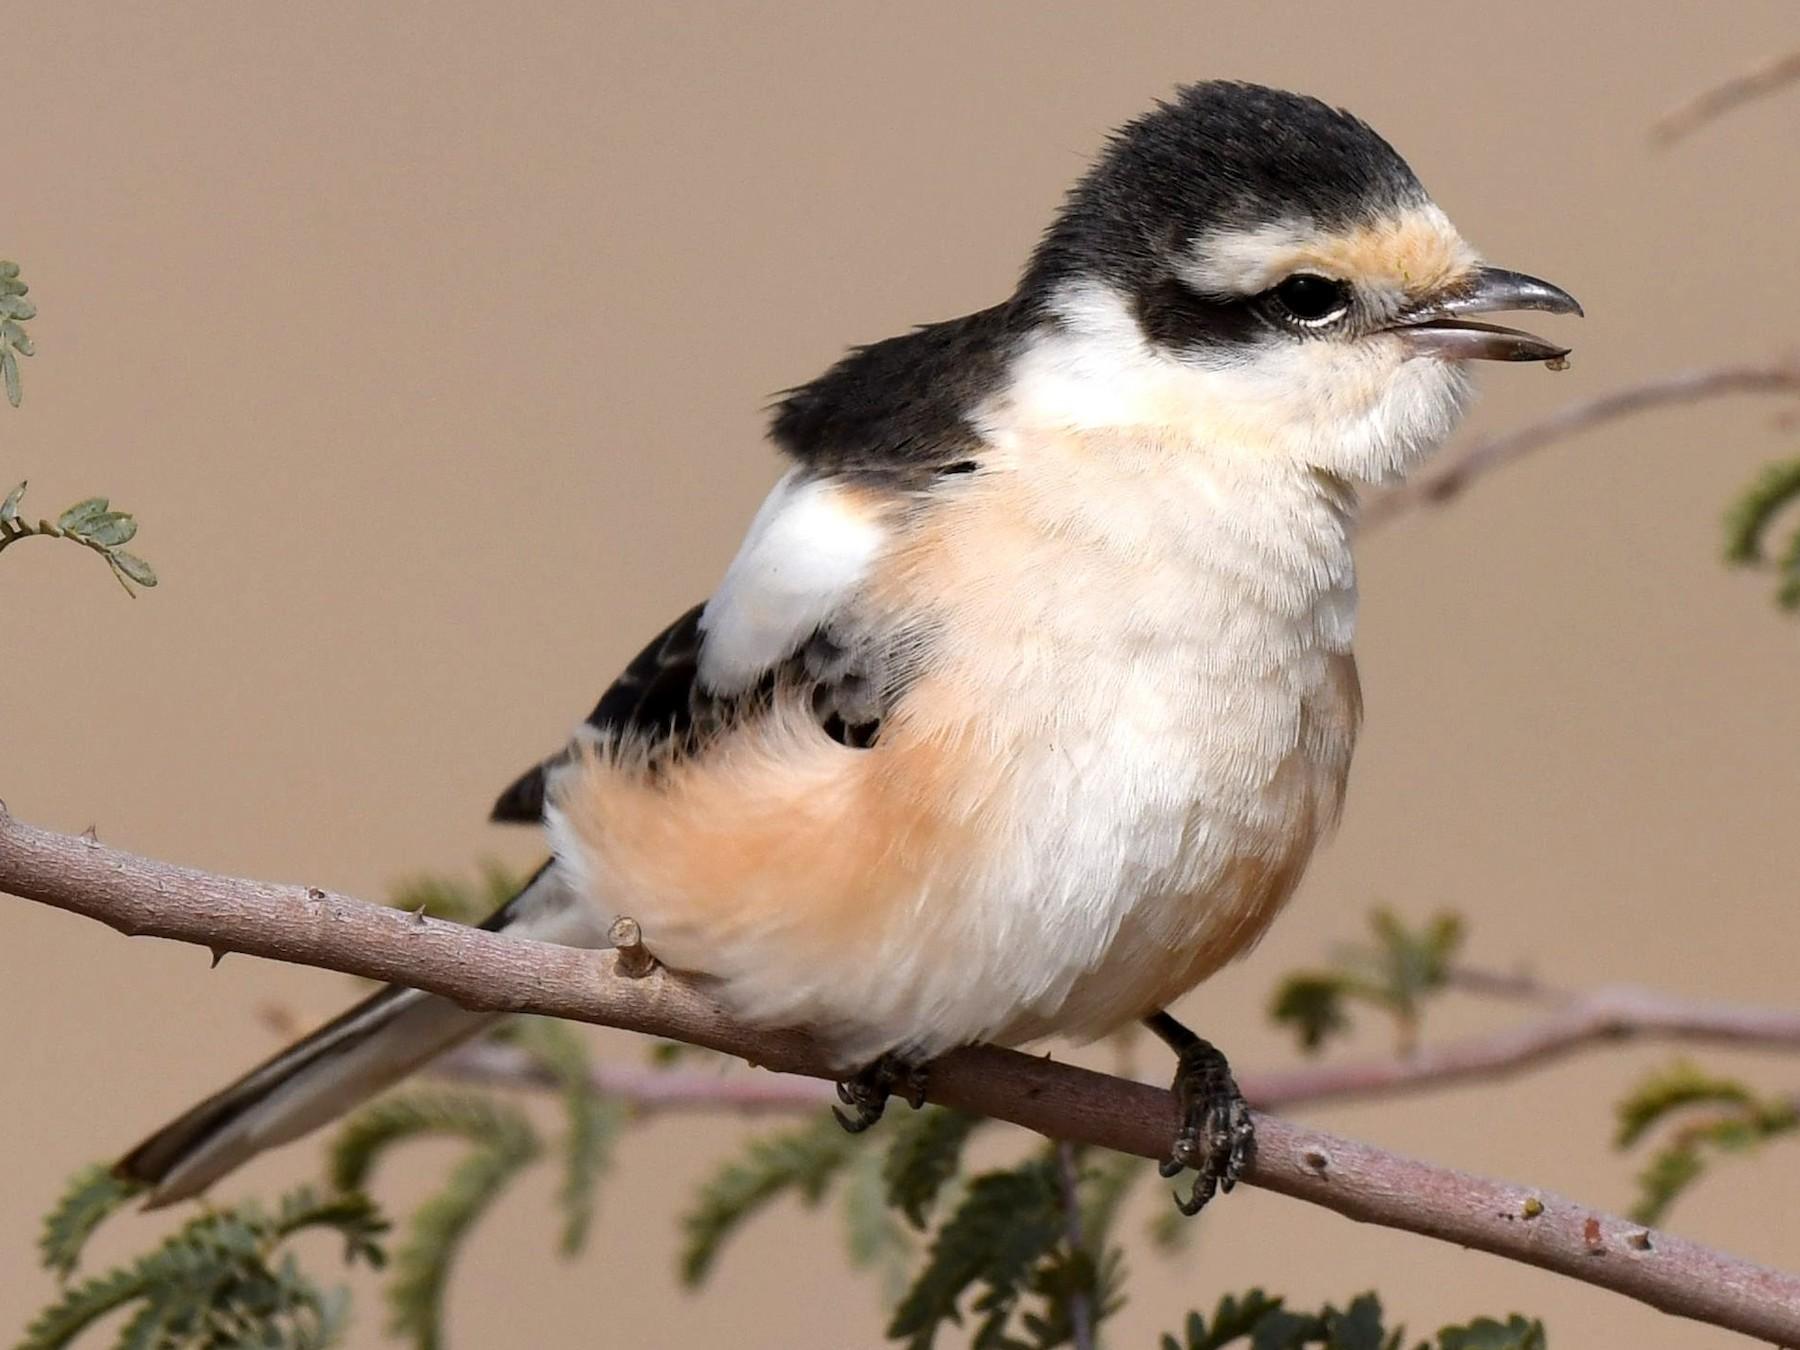 Masked Shrike - AREF ALAWADHI